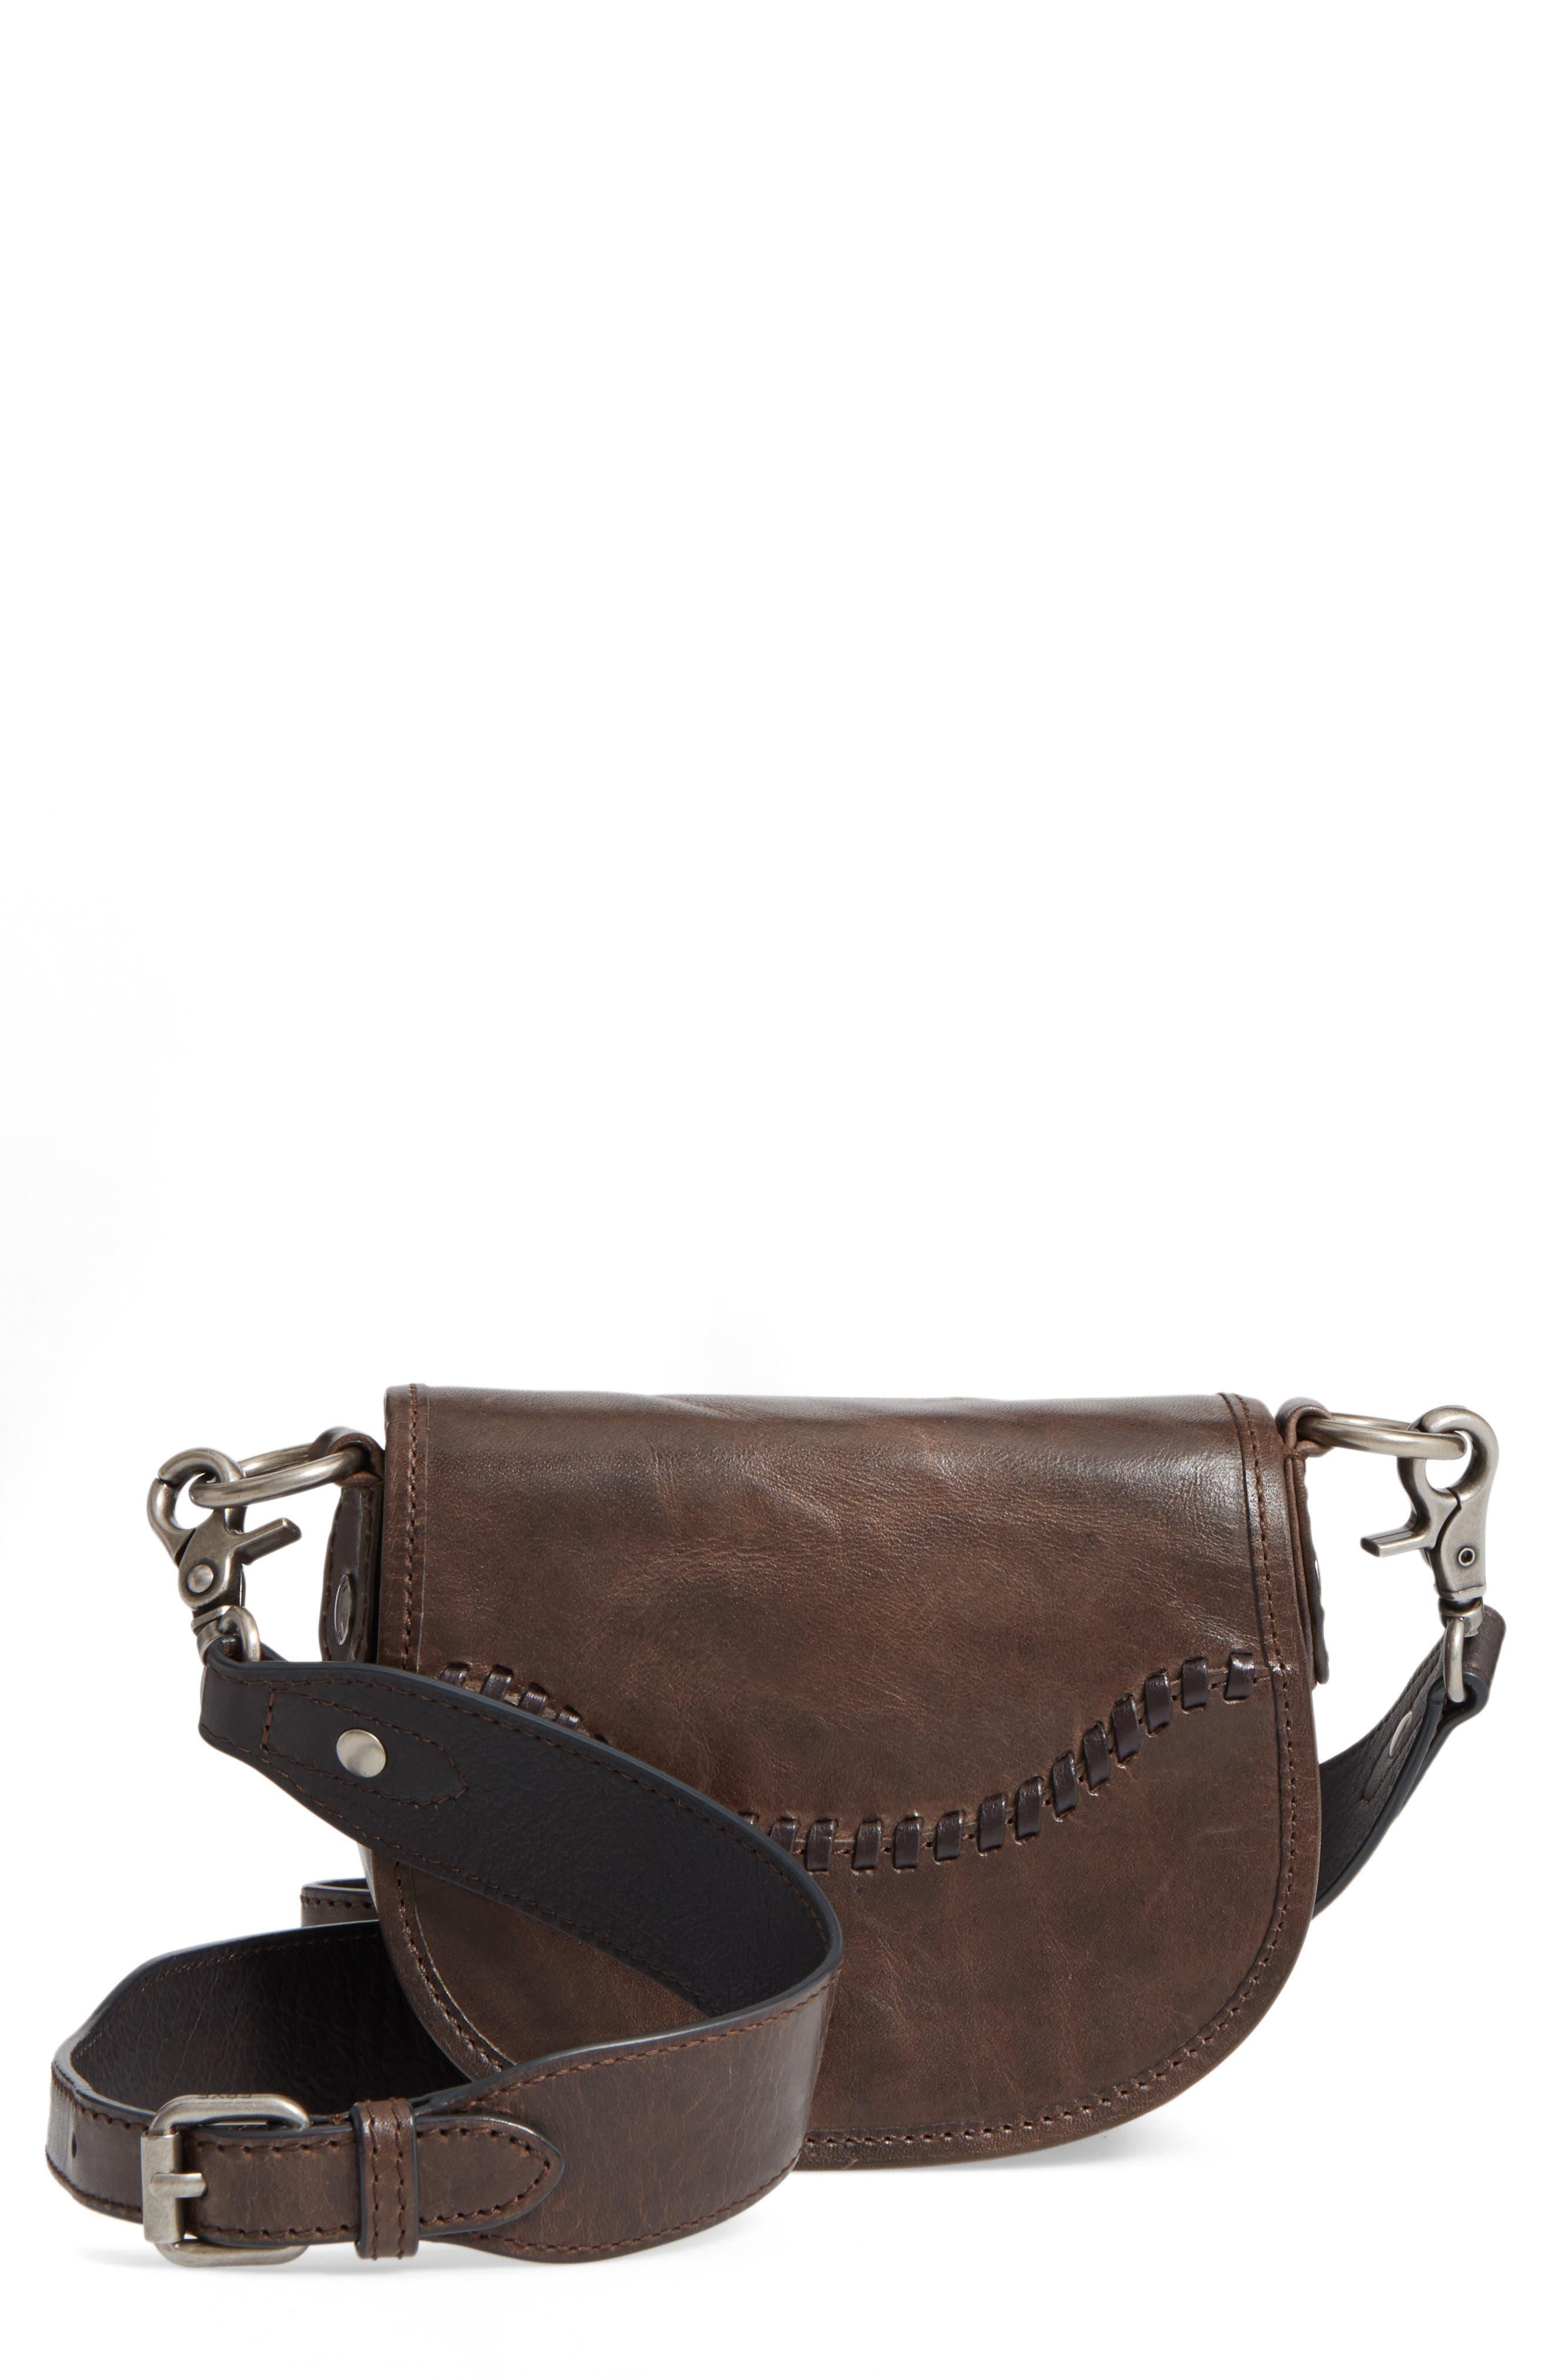 Alternate Image 1 Selected - Frye Mini Melissa Whipstitch Leather Saddle Bag